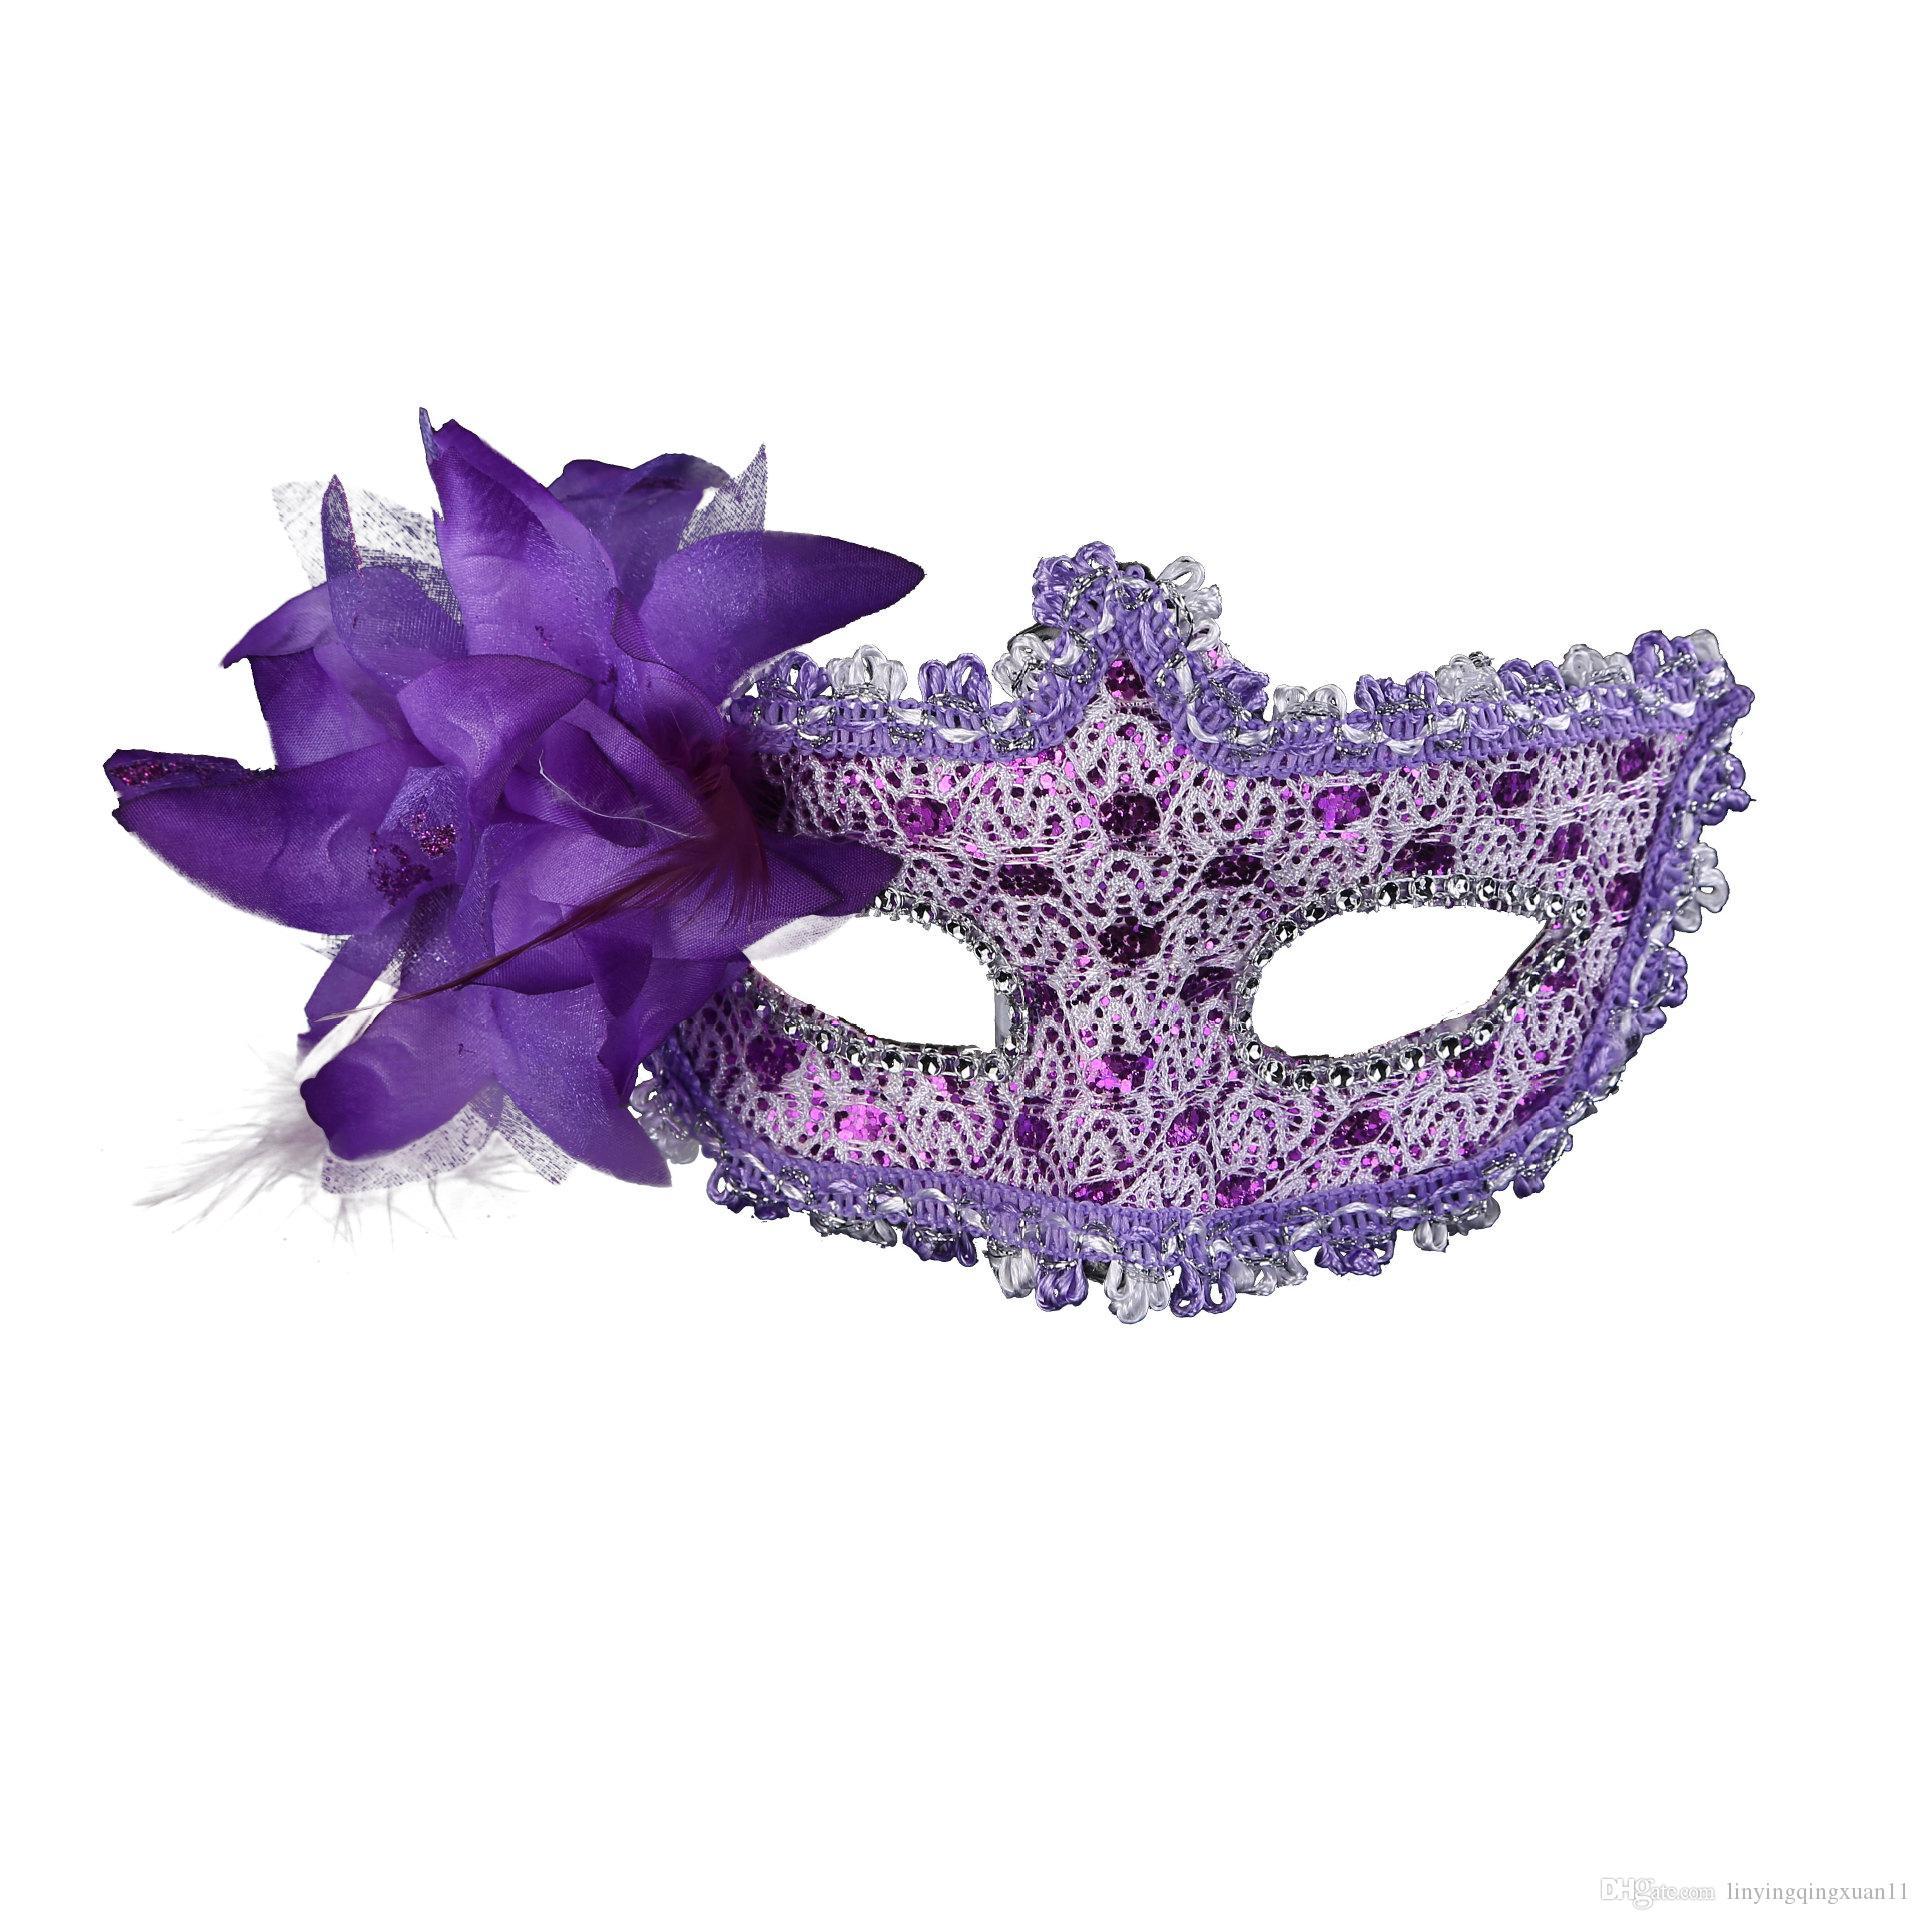 Máscara veneciana de encaje diamante lentejuelas lentejuelas lentejuelas diamante lirio princesa pluma lateral Máscara de disfraces de carnaval Disfraz de bola enmascarada disfraces